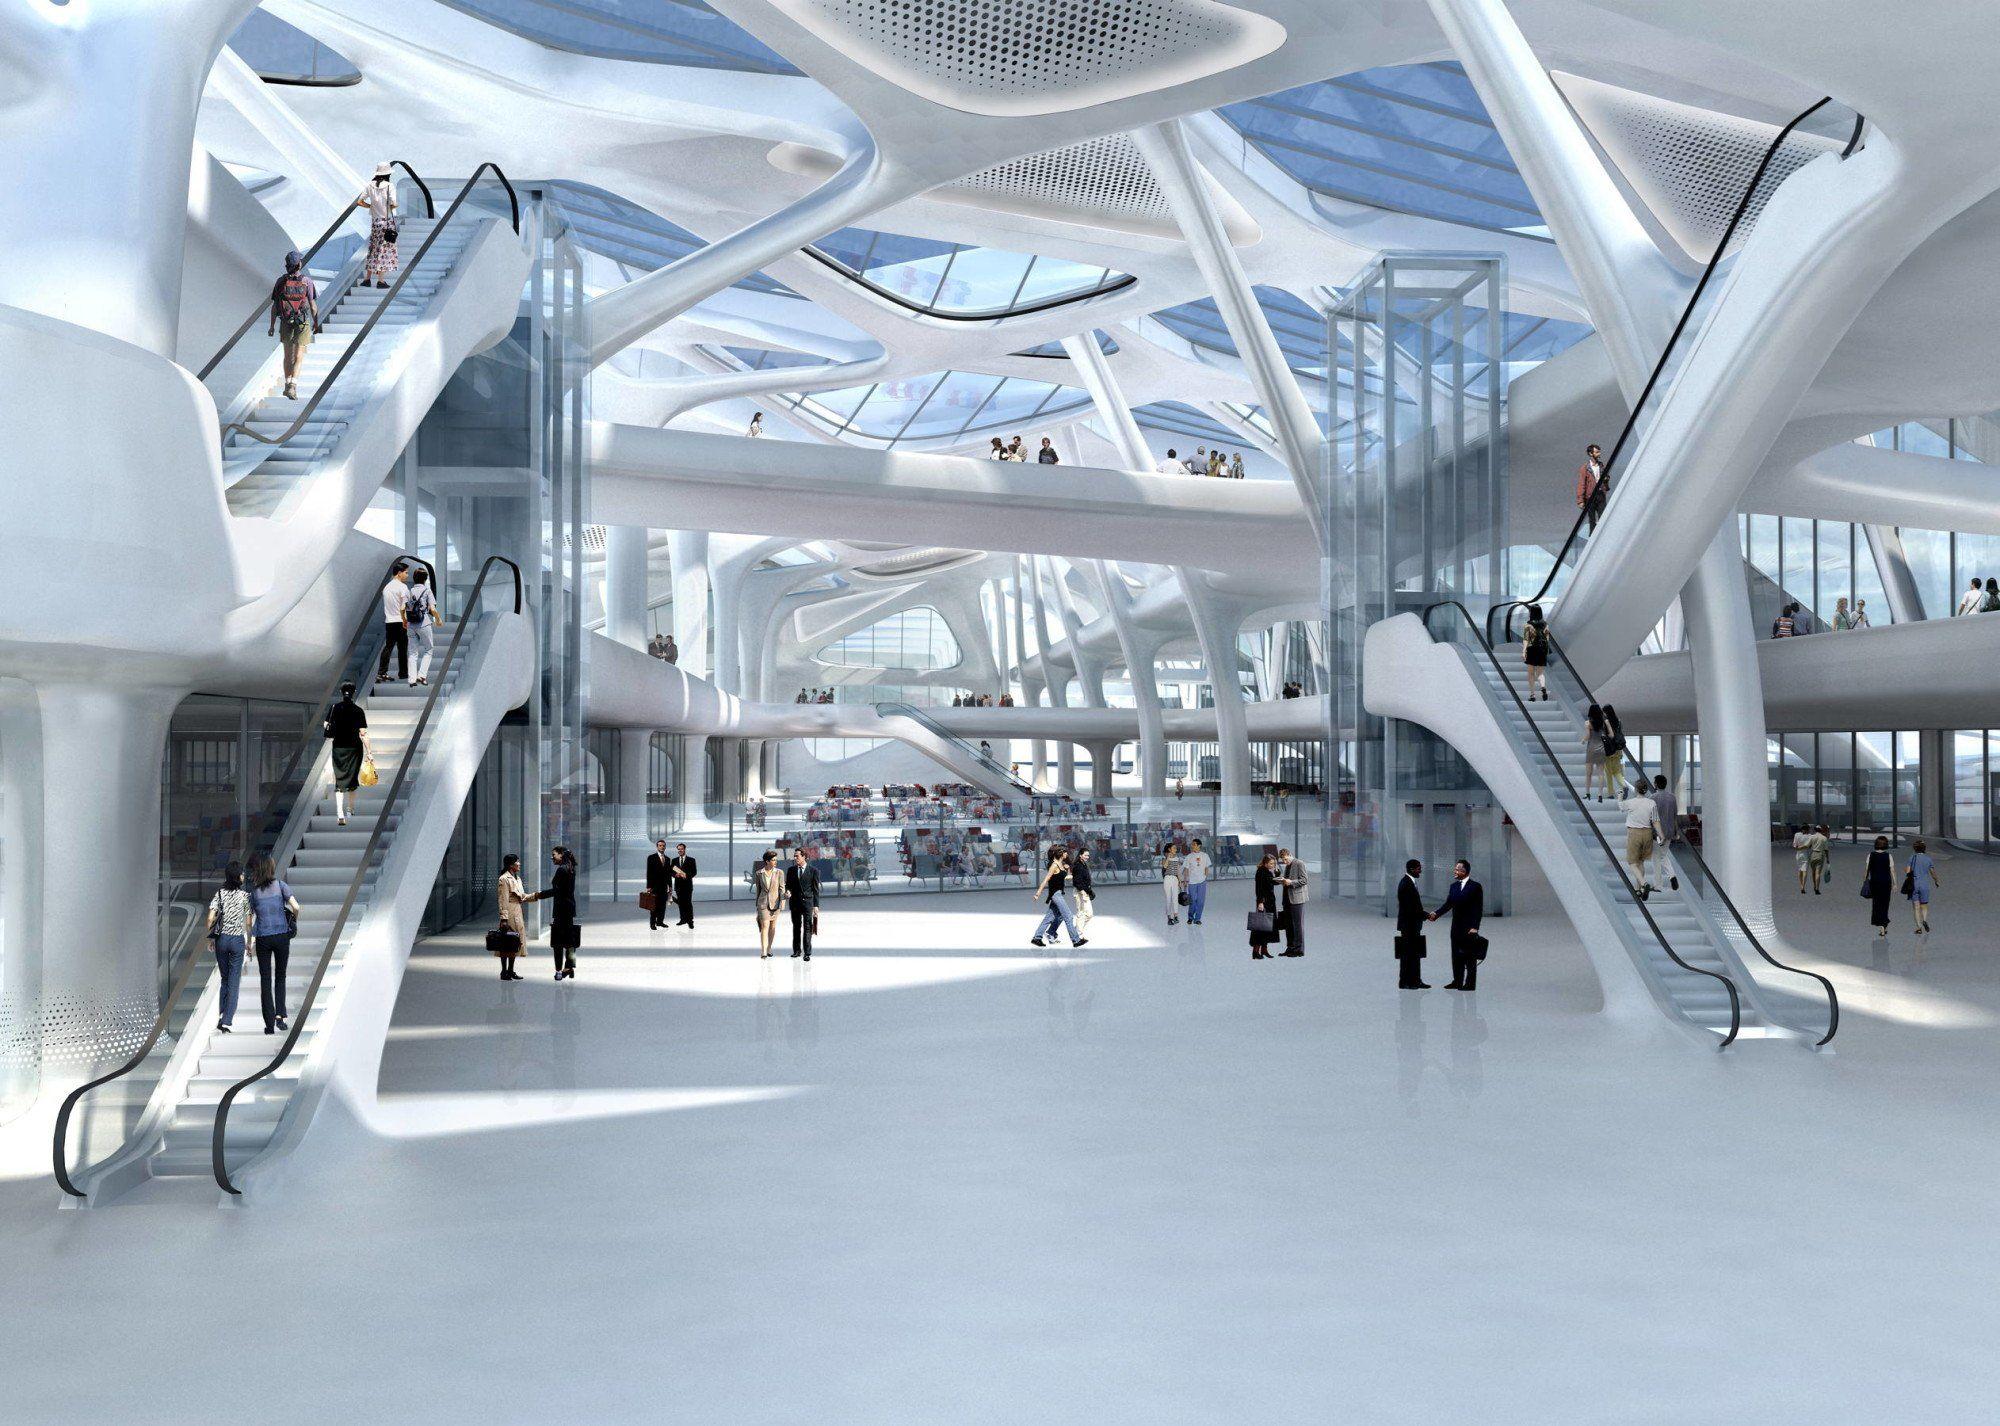 Zagreb Airport Zaha Hadid Architects Arch2o Com Zaha Hadid Zaha Hadid Architects Zaha Hadid Design